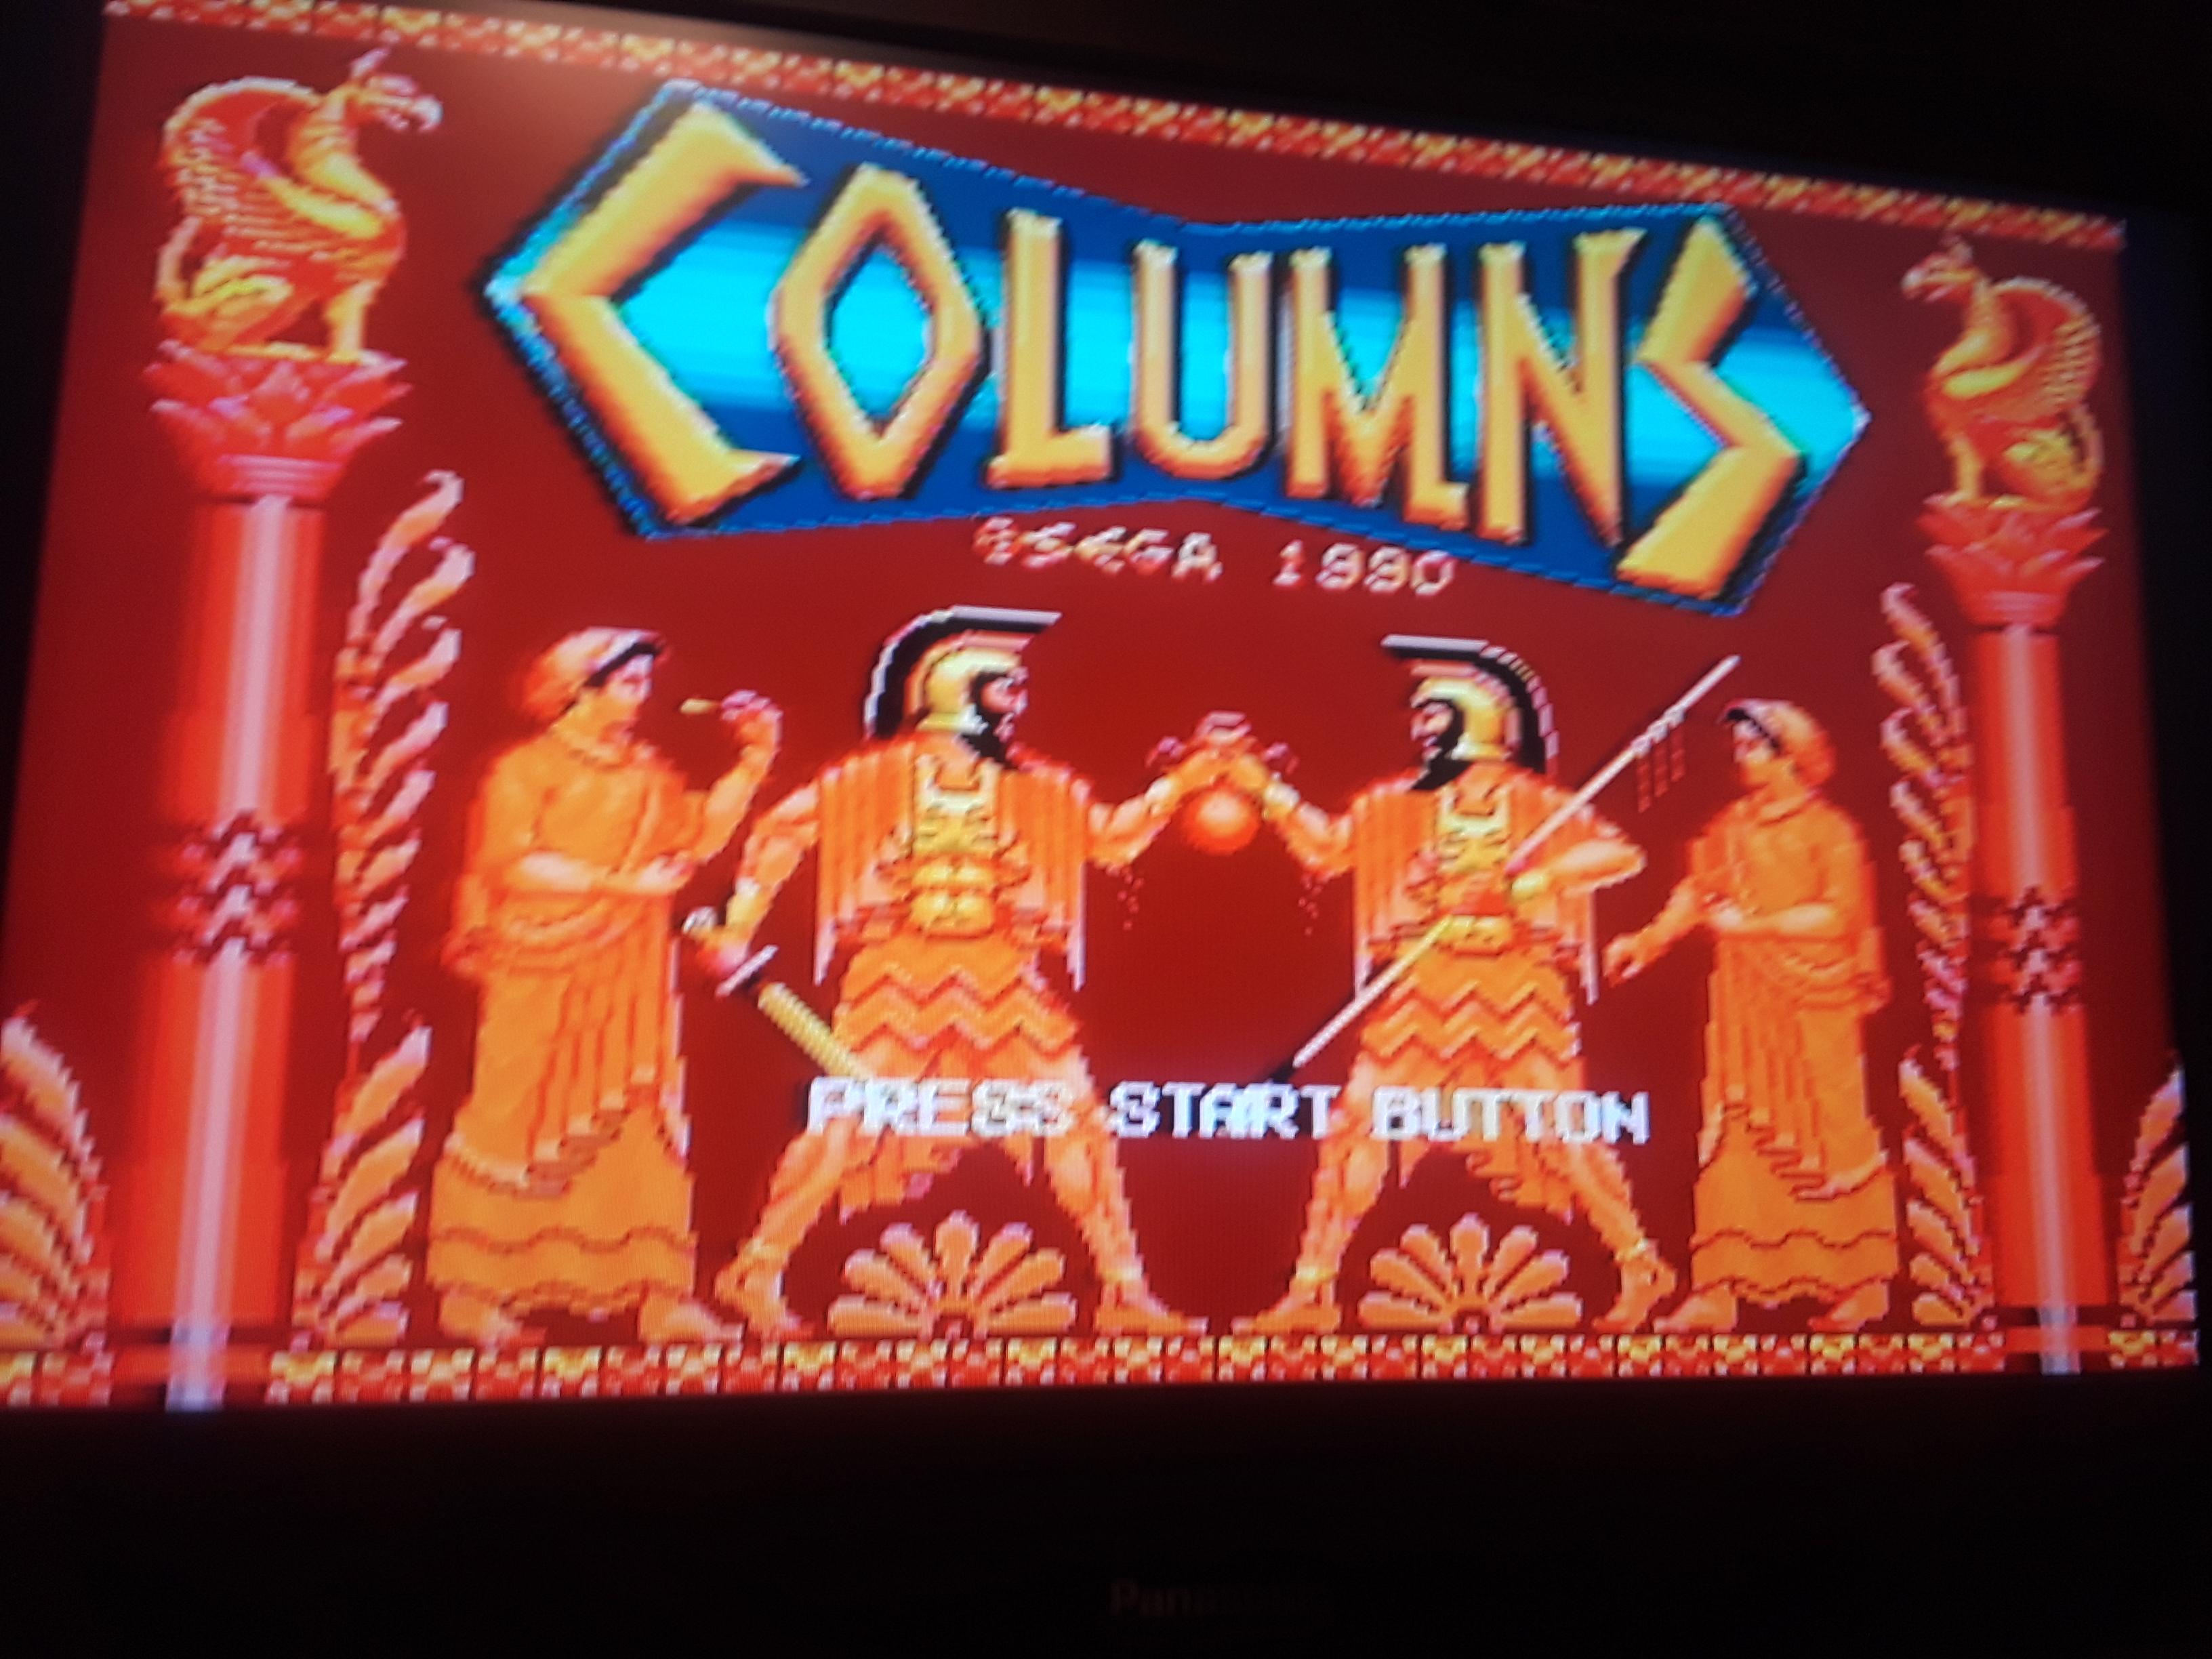 Columns 54,884 points